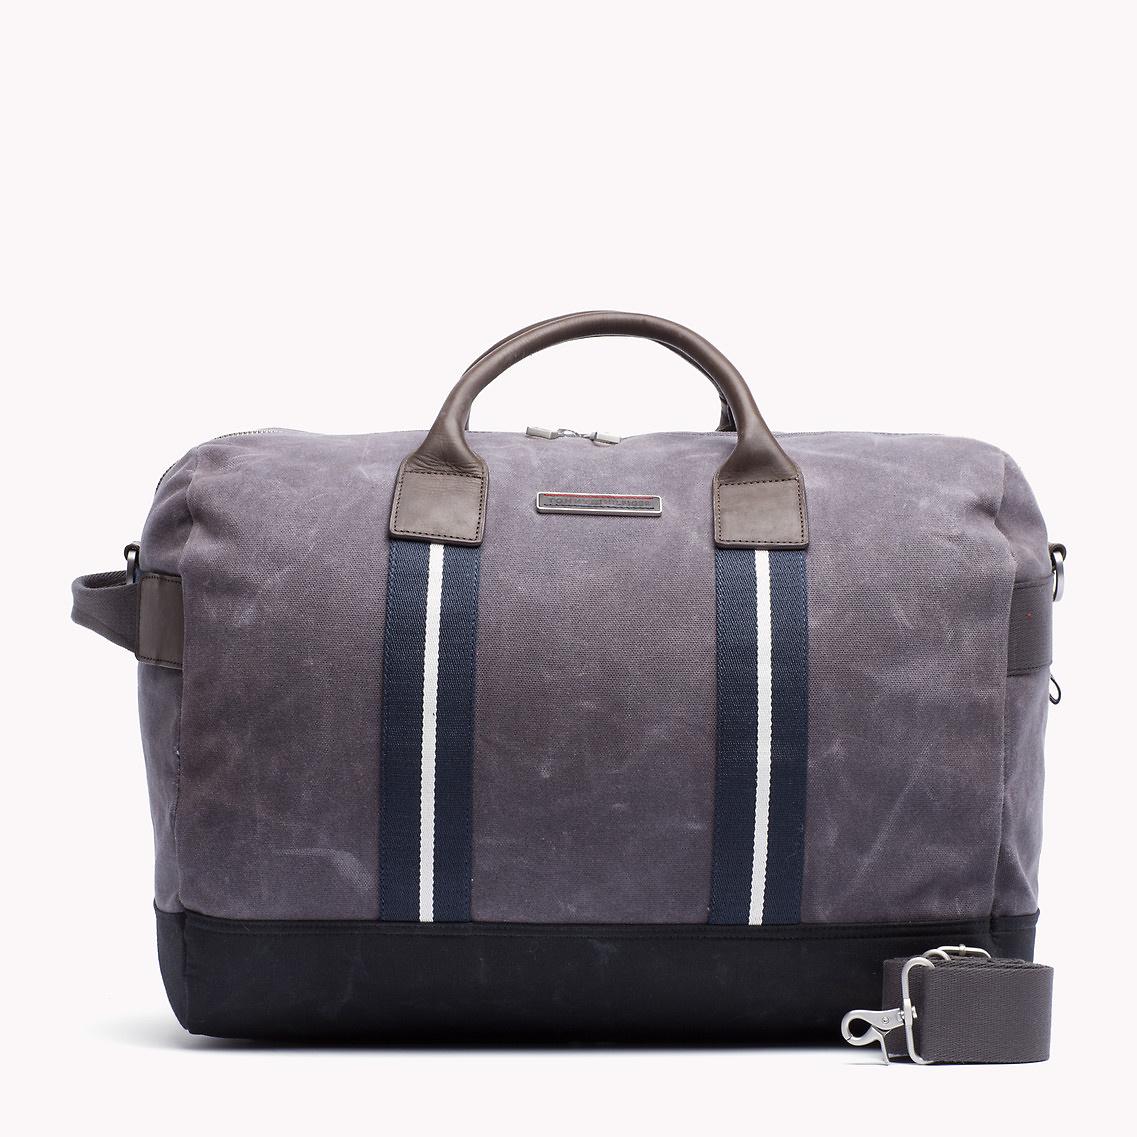 Tommy Hilfiger Wilshire Travel Bag